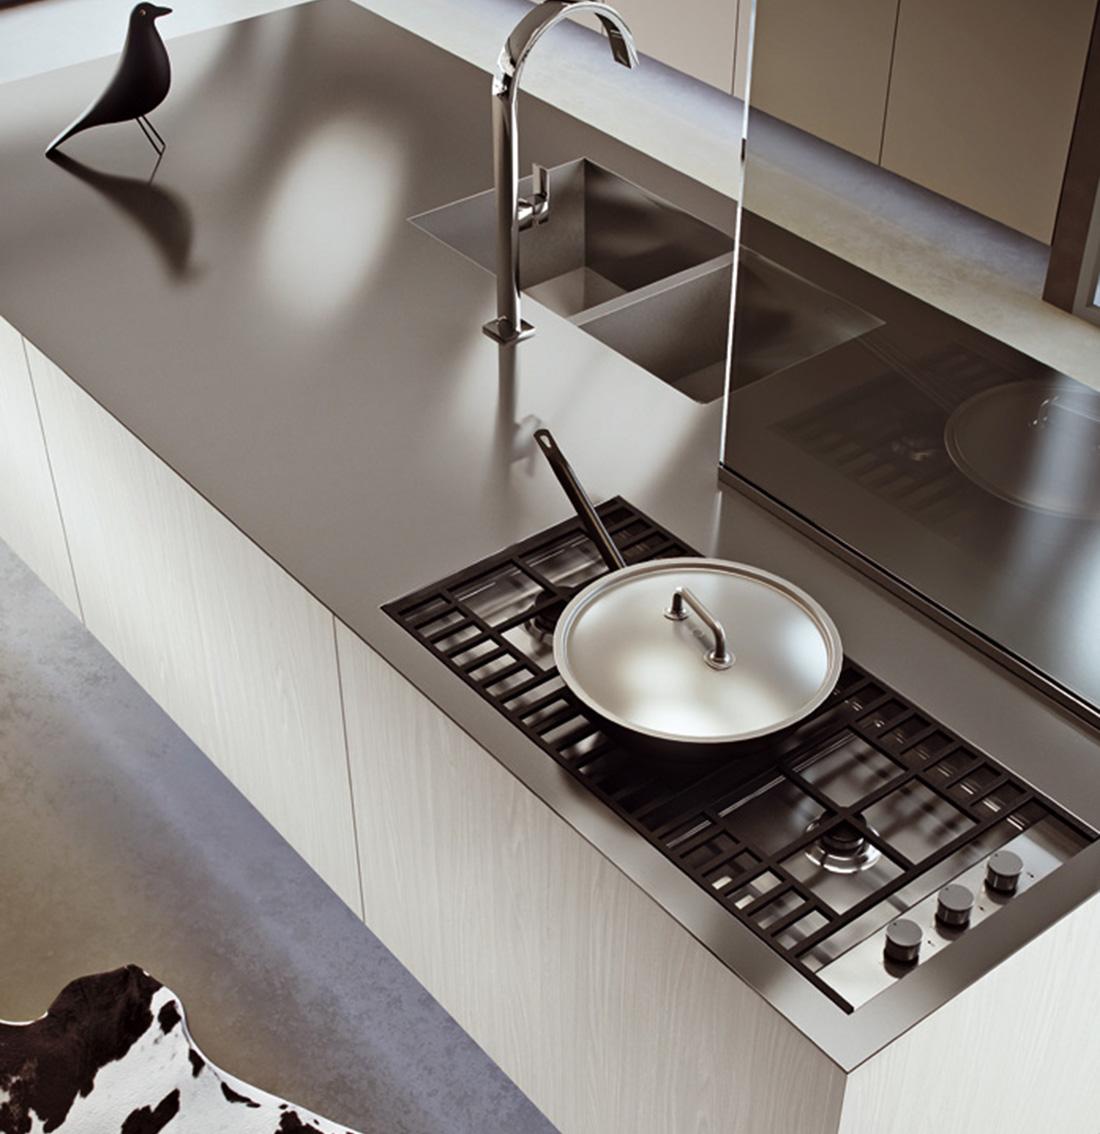 מטבח מודרני אריטל AK02 ARRITAL